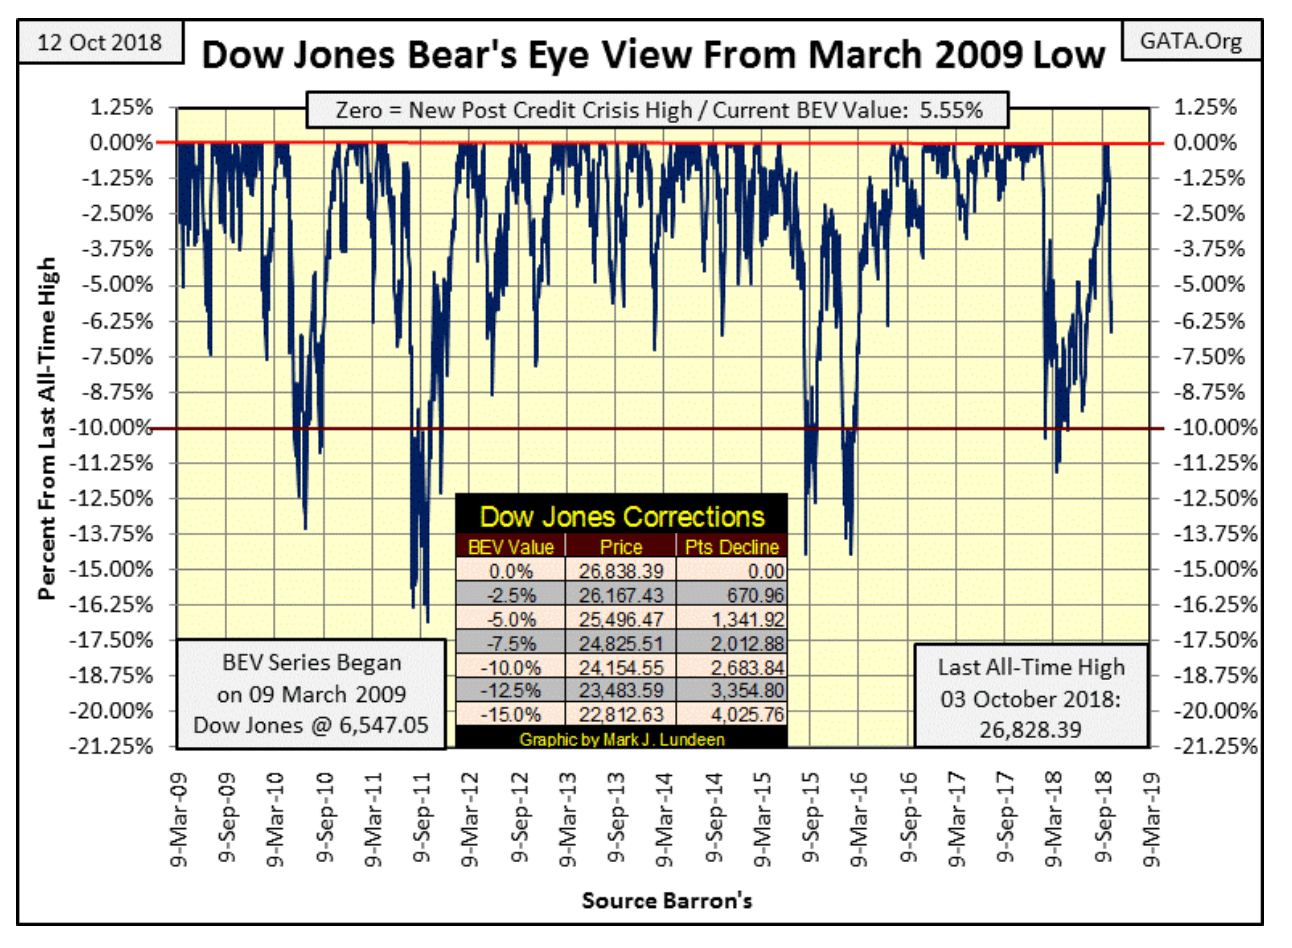 bears eye view dji